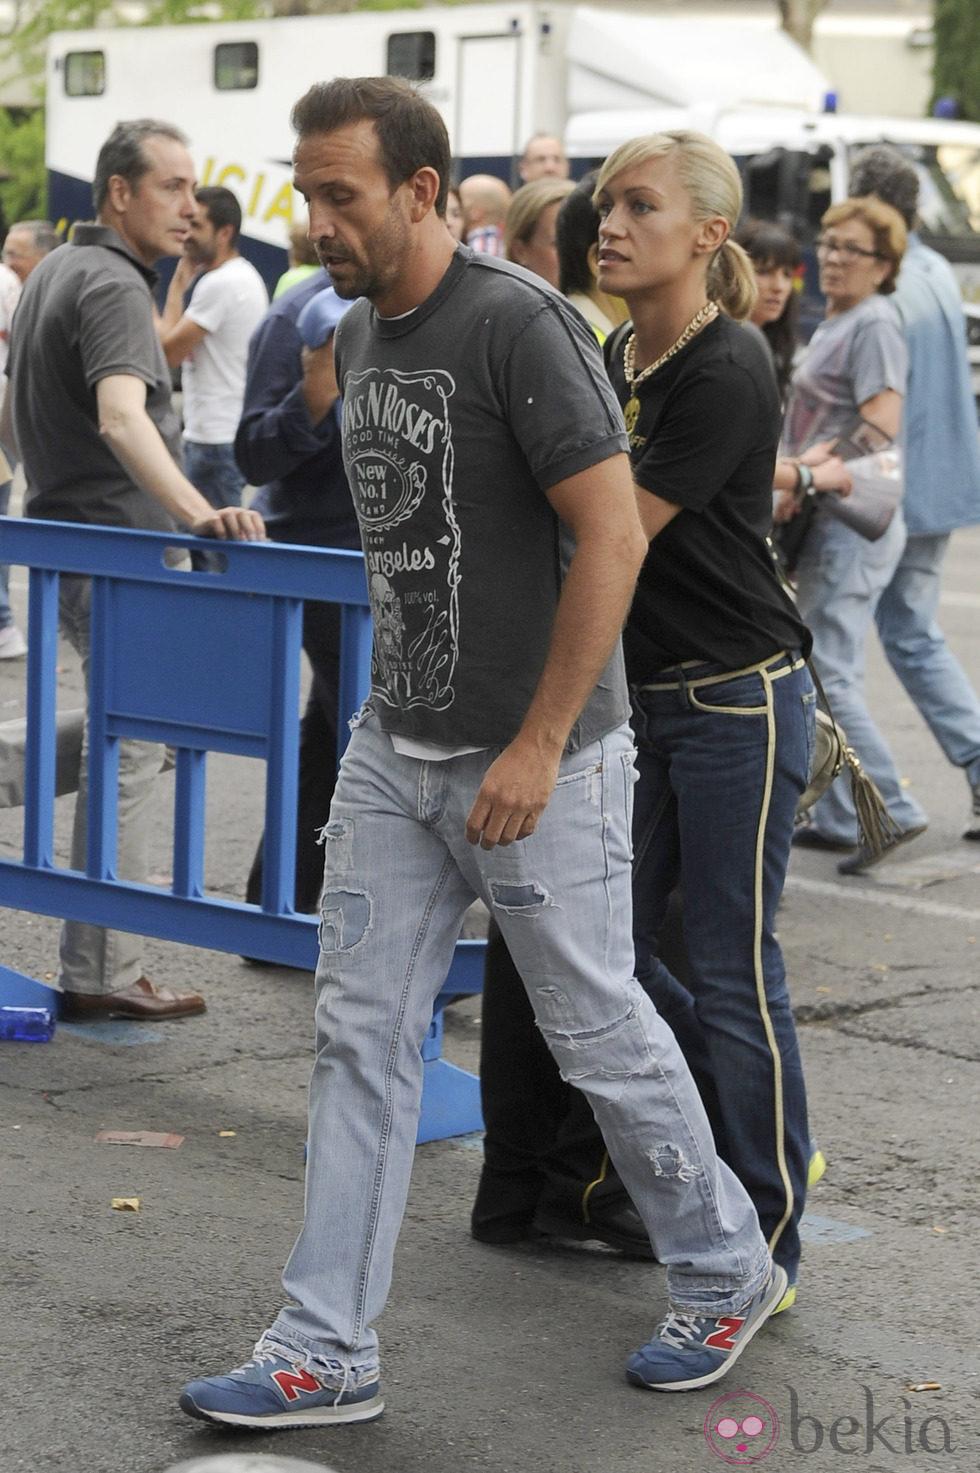 Luján Argüelles y Carlos Sánchez en el concierto de los Rolling Stones en Madrid